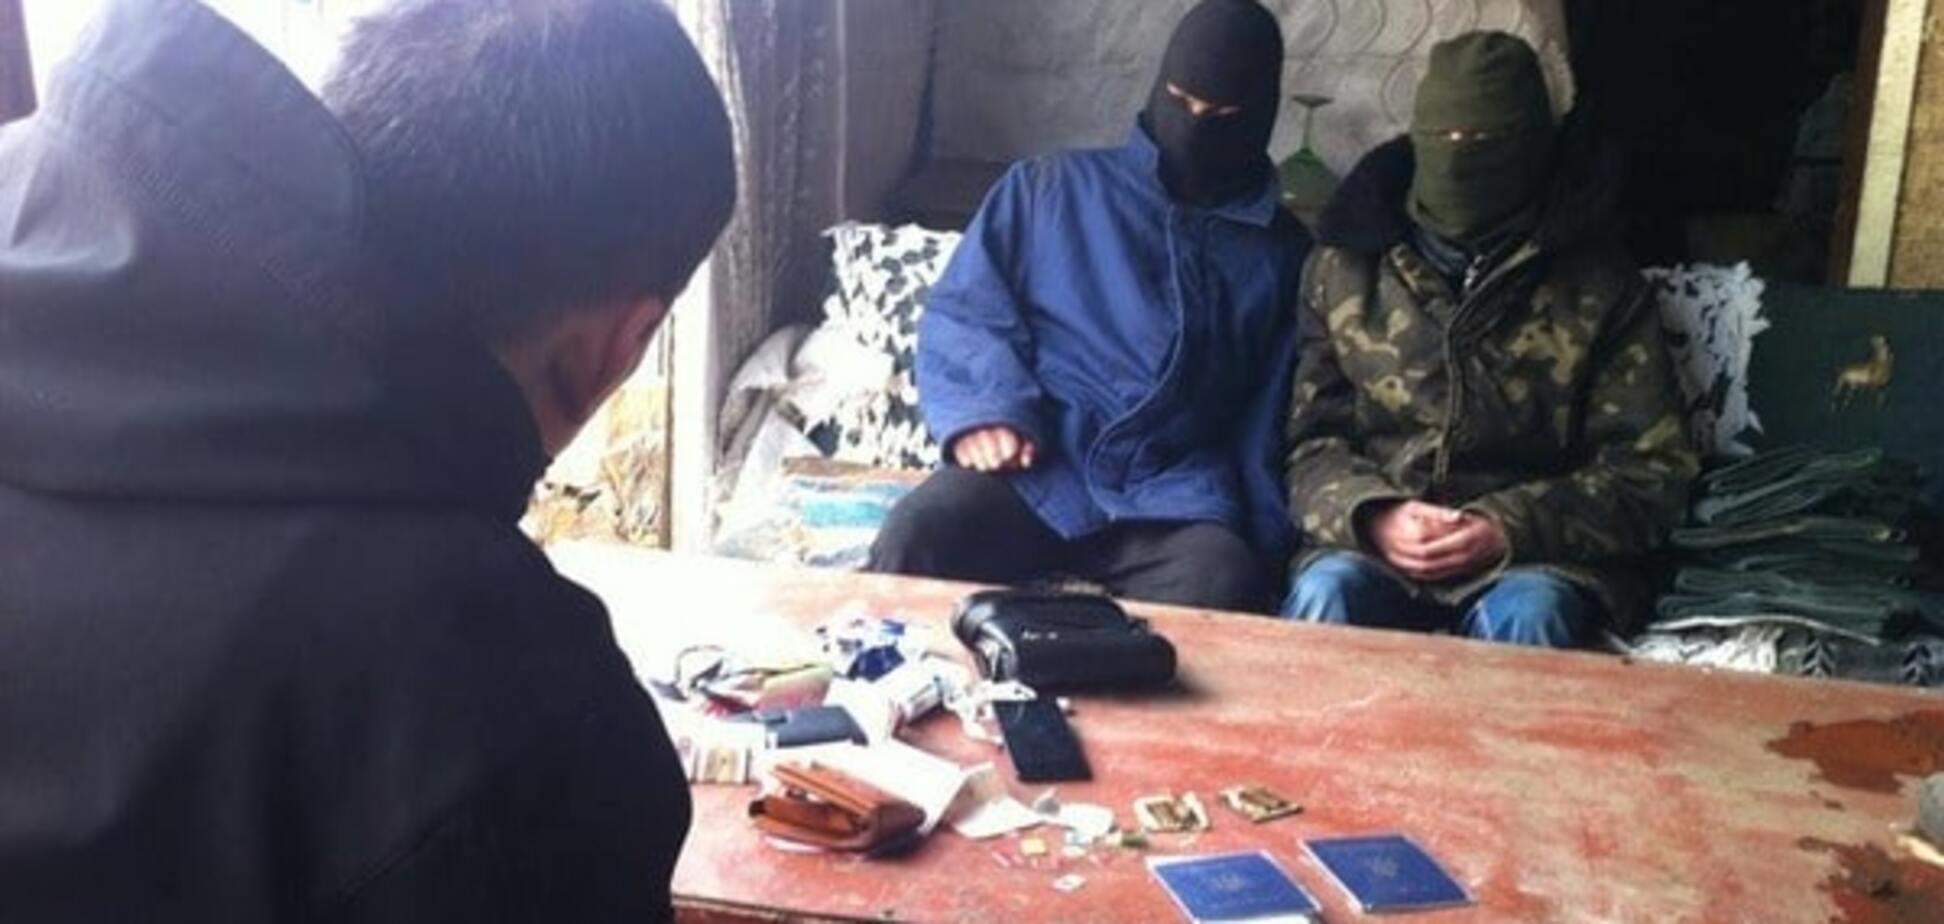 Звільнили - воюй за 'ДНР': колишні ув'язнені з Тореза розповіли про вербування 'на зоні'